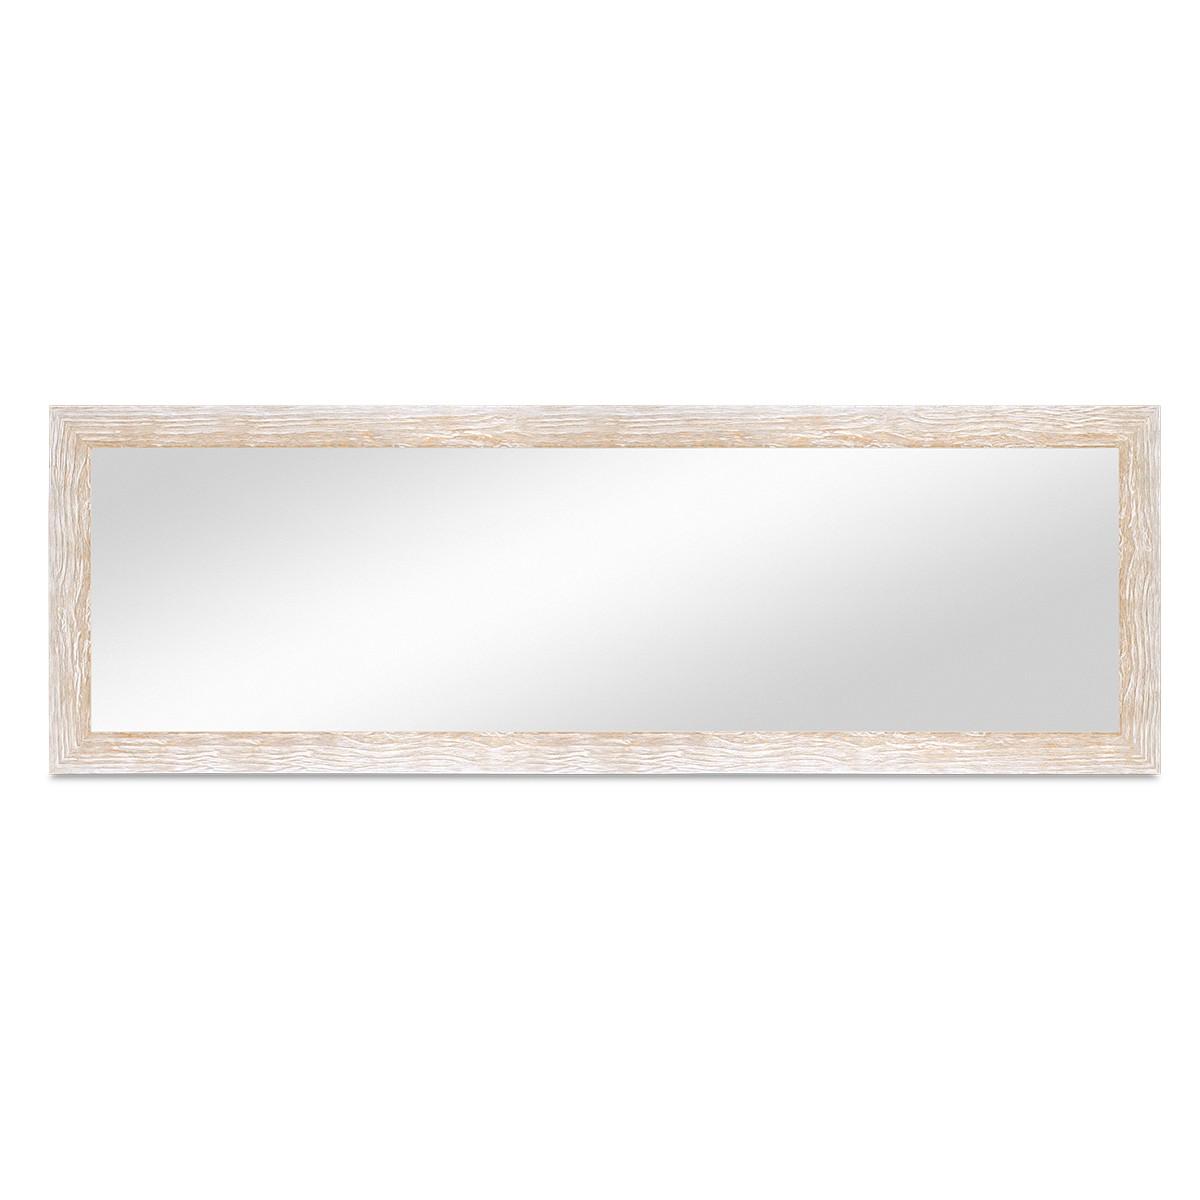 wand spiegel 38x98 cm im holzrahmen sonoma eiche optik hell gekalkt modern spiegelfl che 30x90. Black Bedroom Furniture Sets. Home Design Ideas